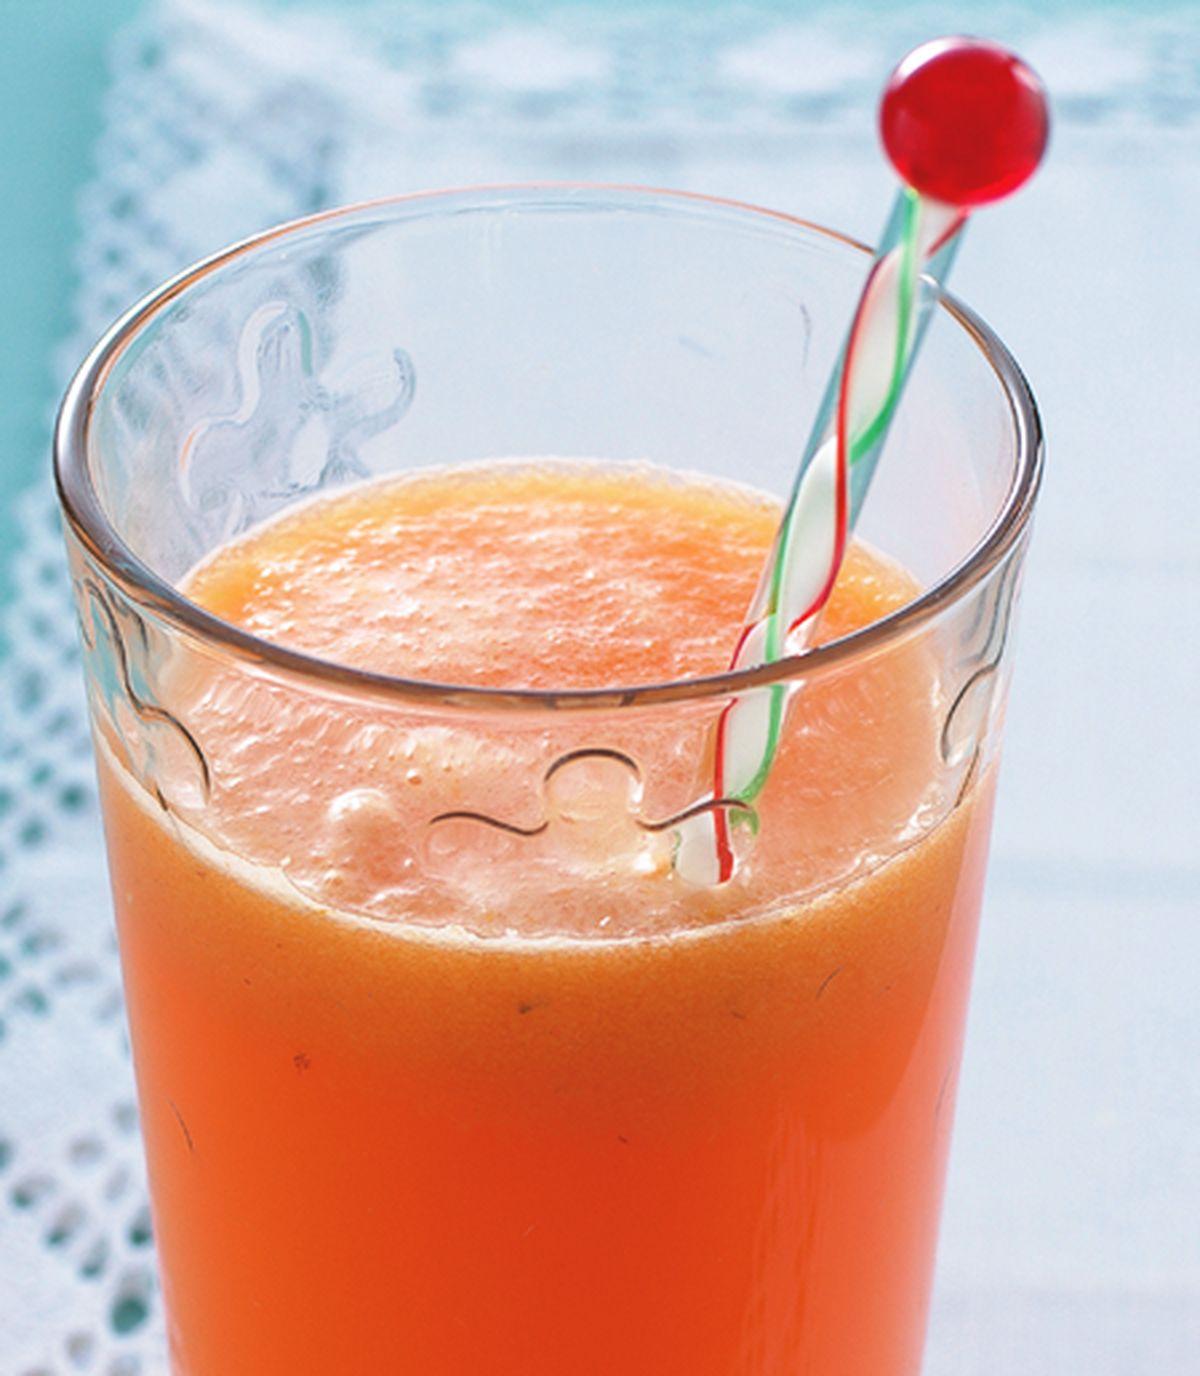 食譜:紅蘿蔔黃椒芒果汁